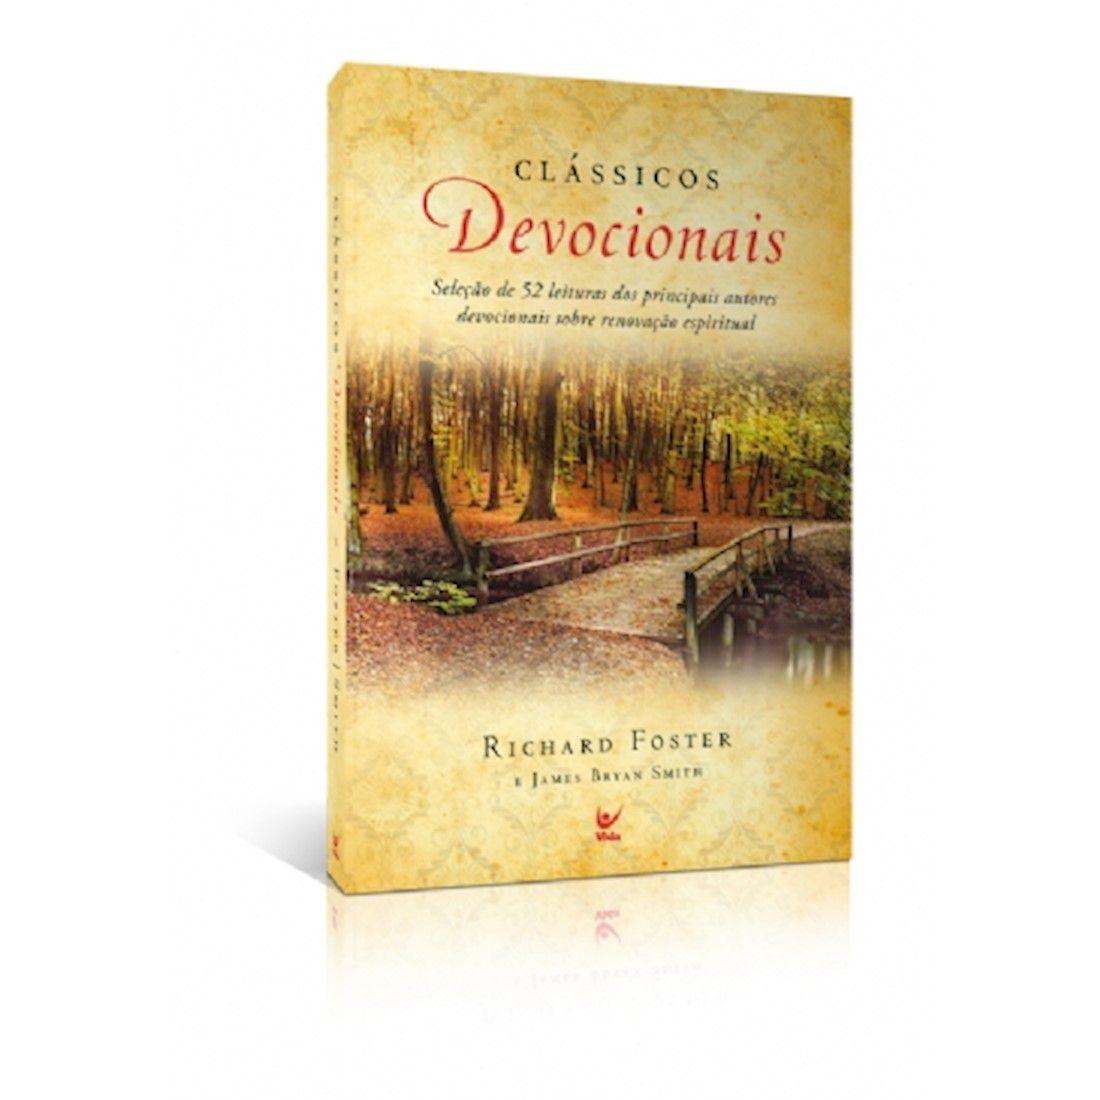 Livro Clássicos Devocionais